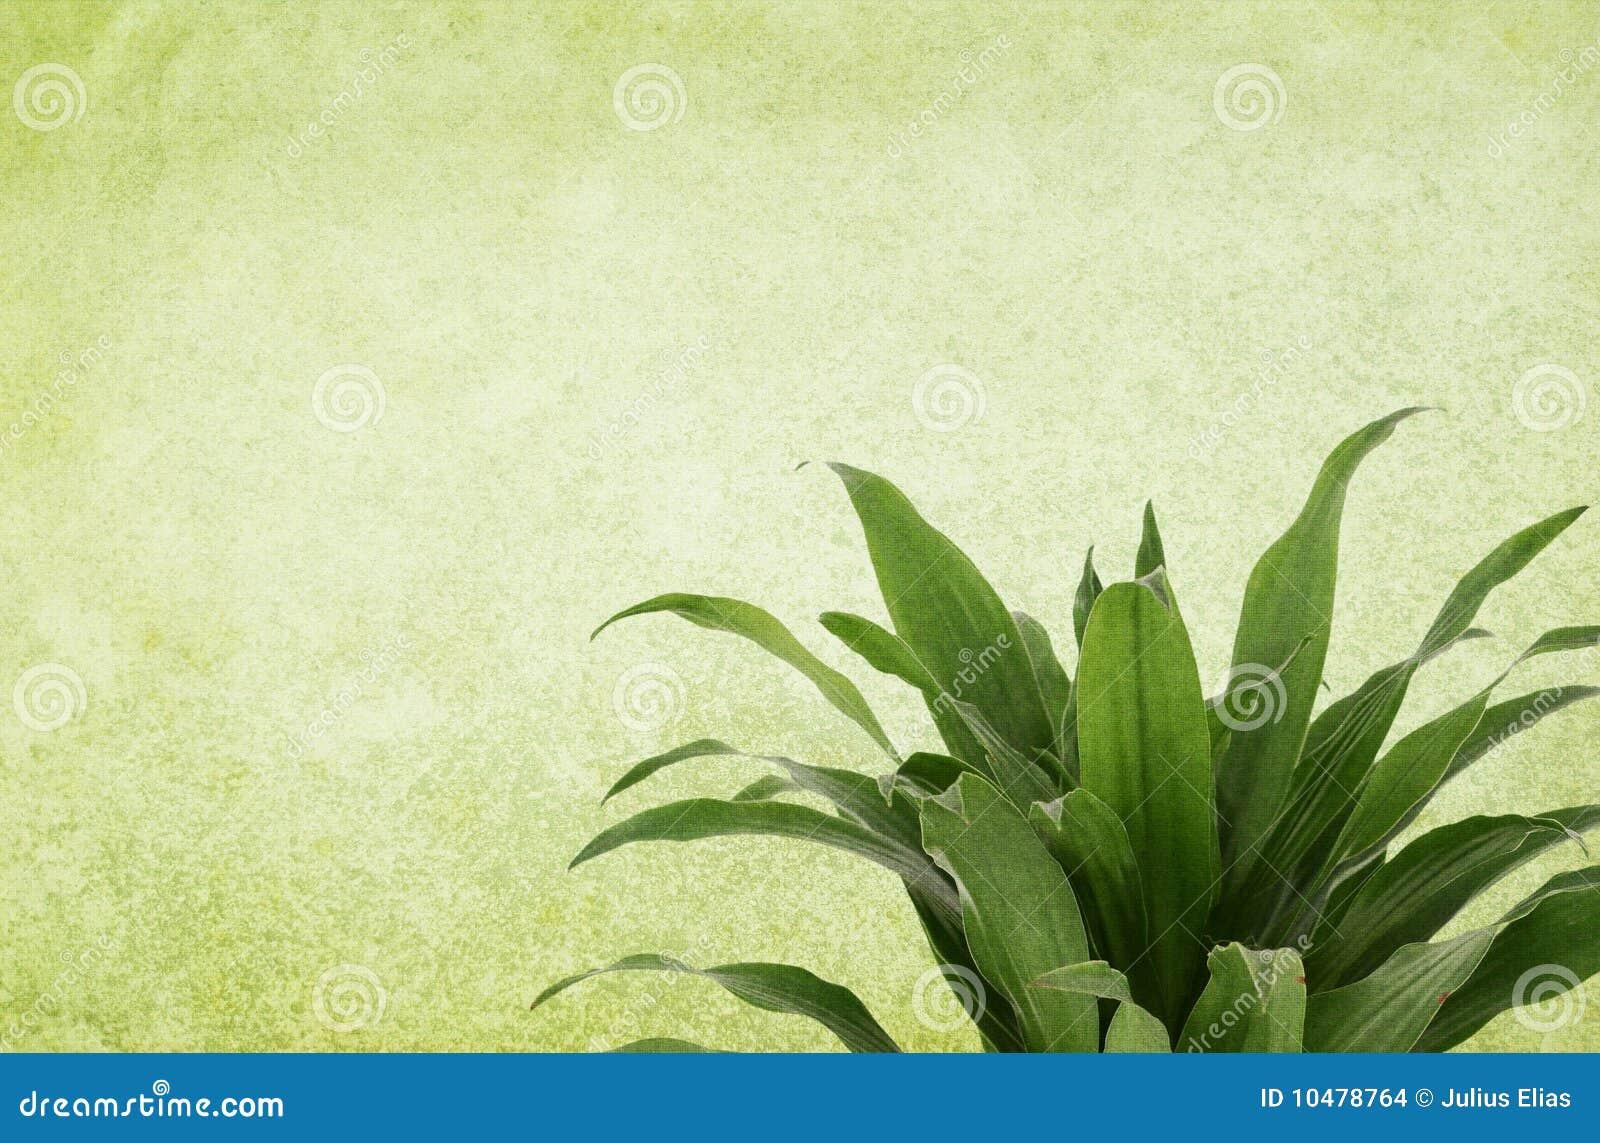 Grüner Weinlese-Hintergrund mit Anlage